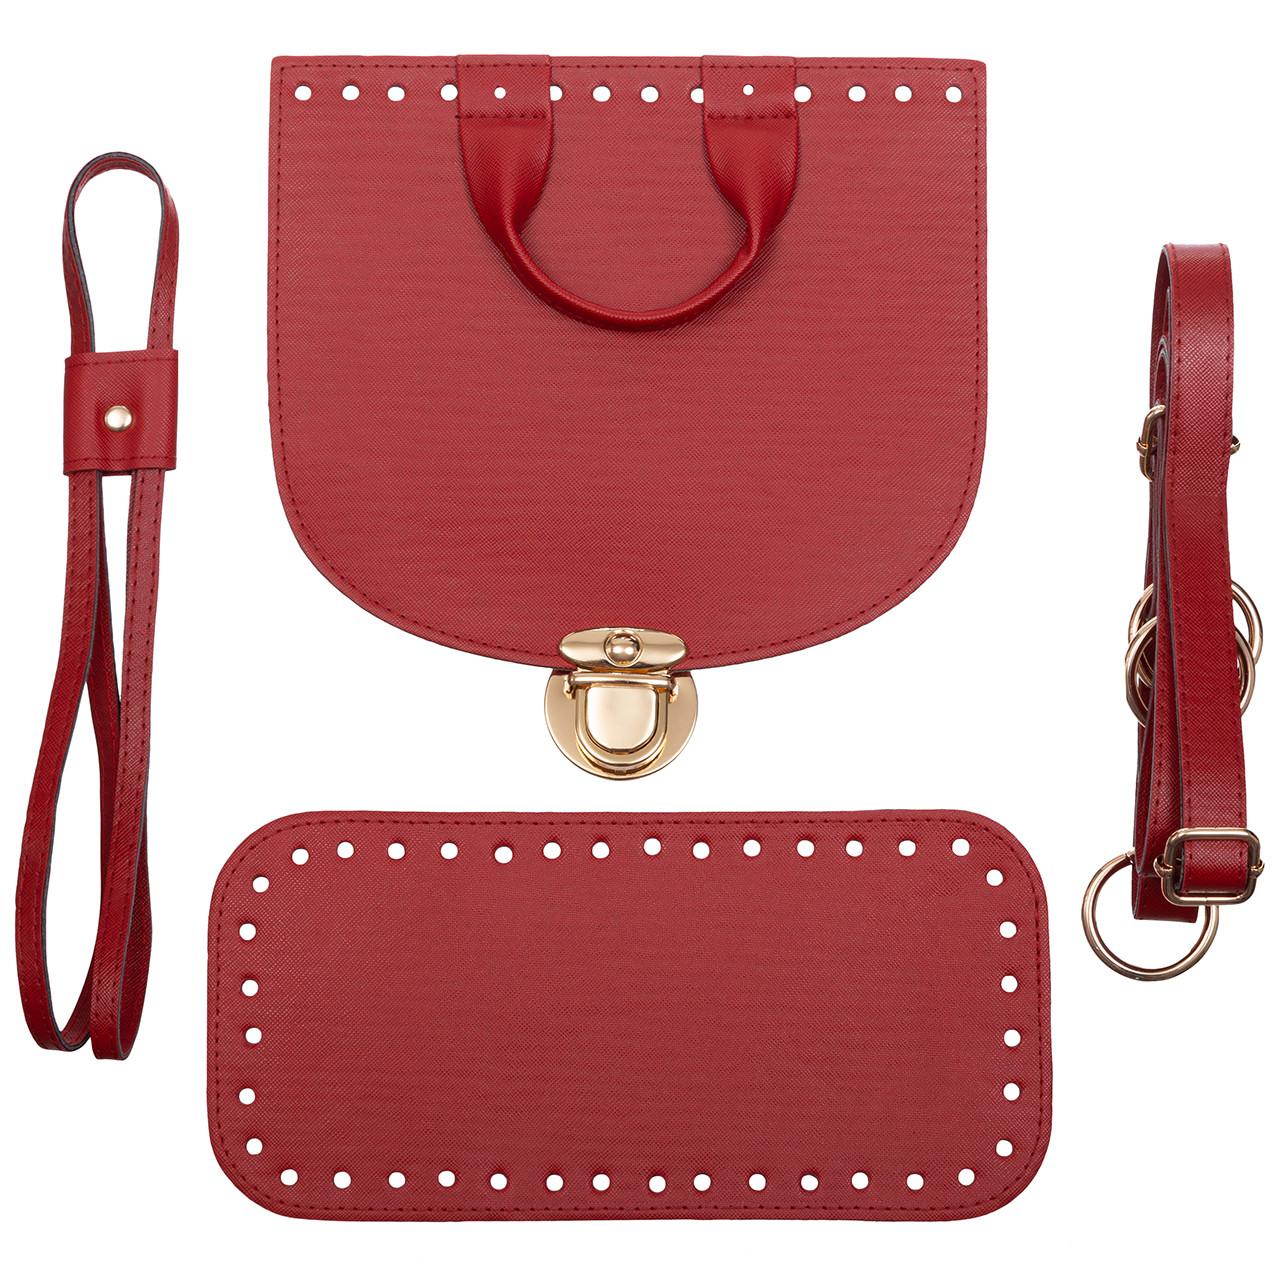 Набор для рюкзака экокожа Красный (5 позиций) фурнитура золото